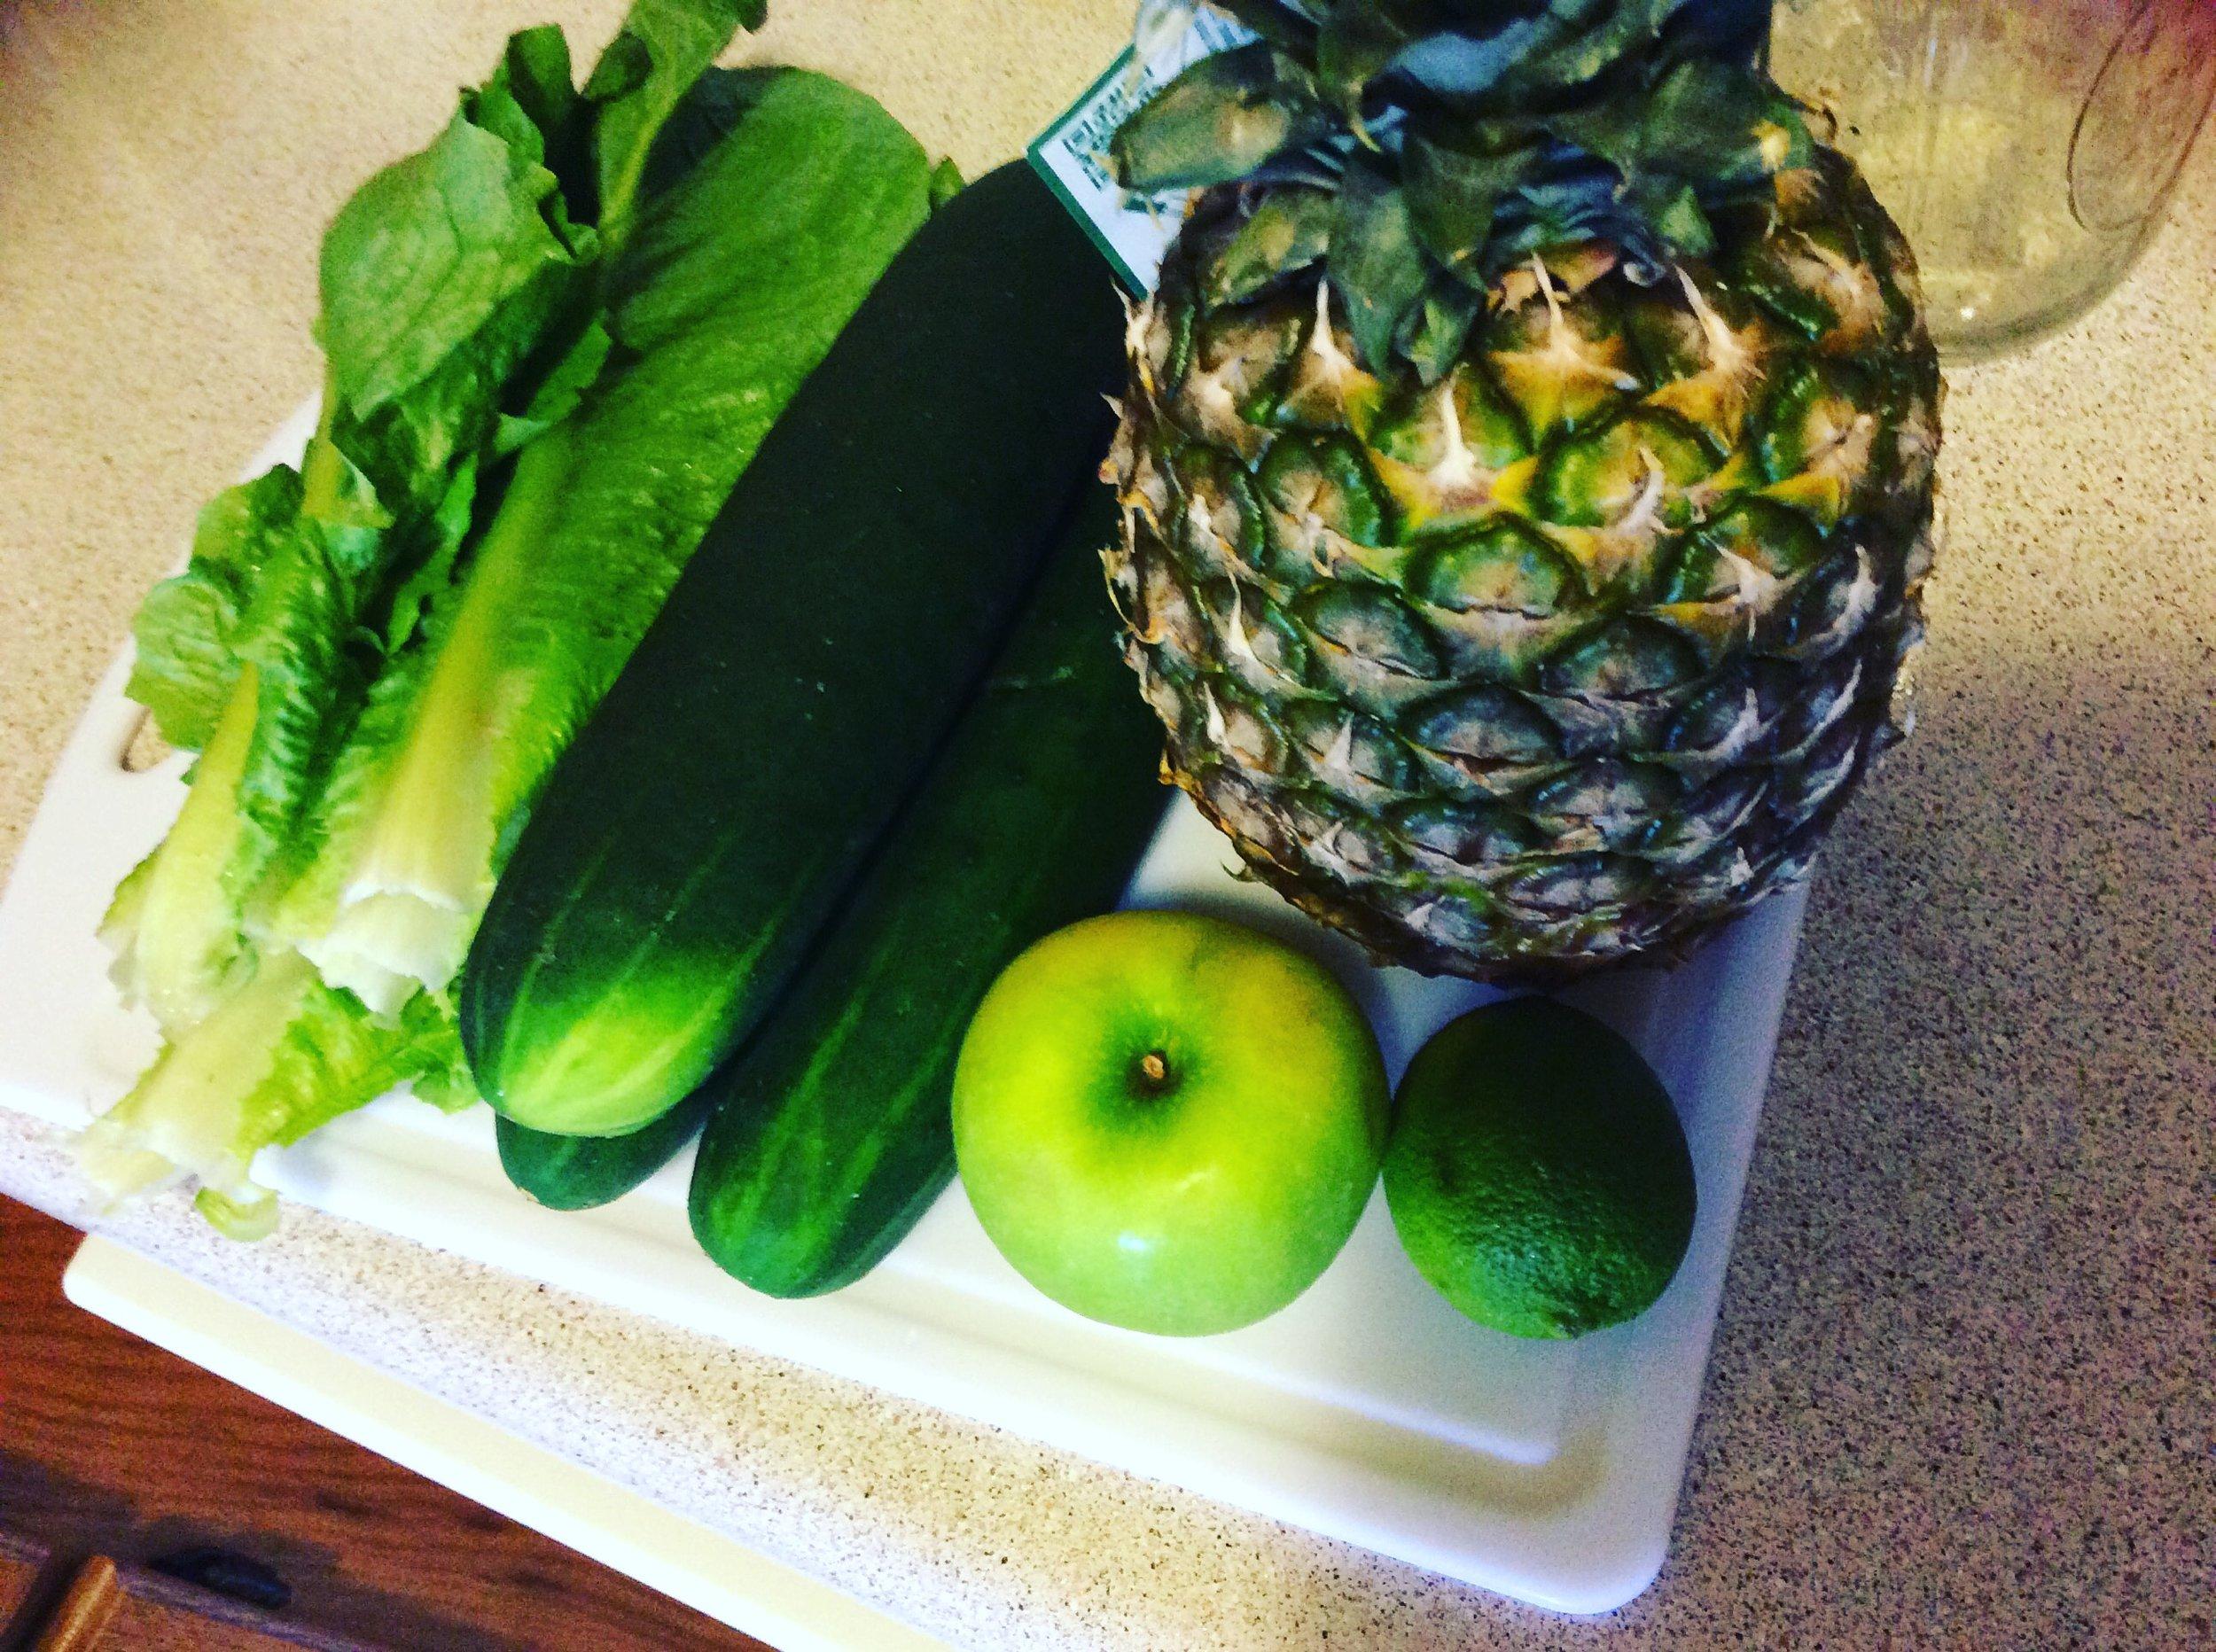 Hawaiian Tropic Green Juice